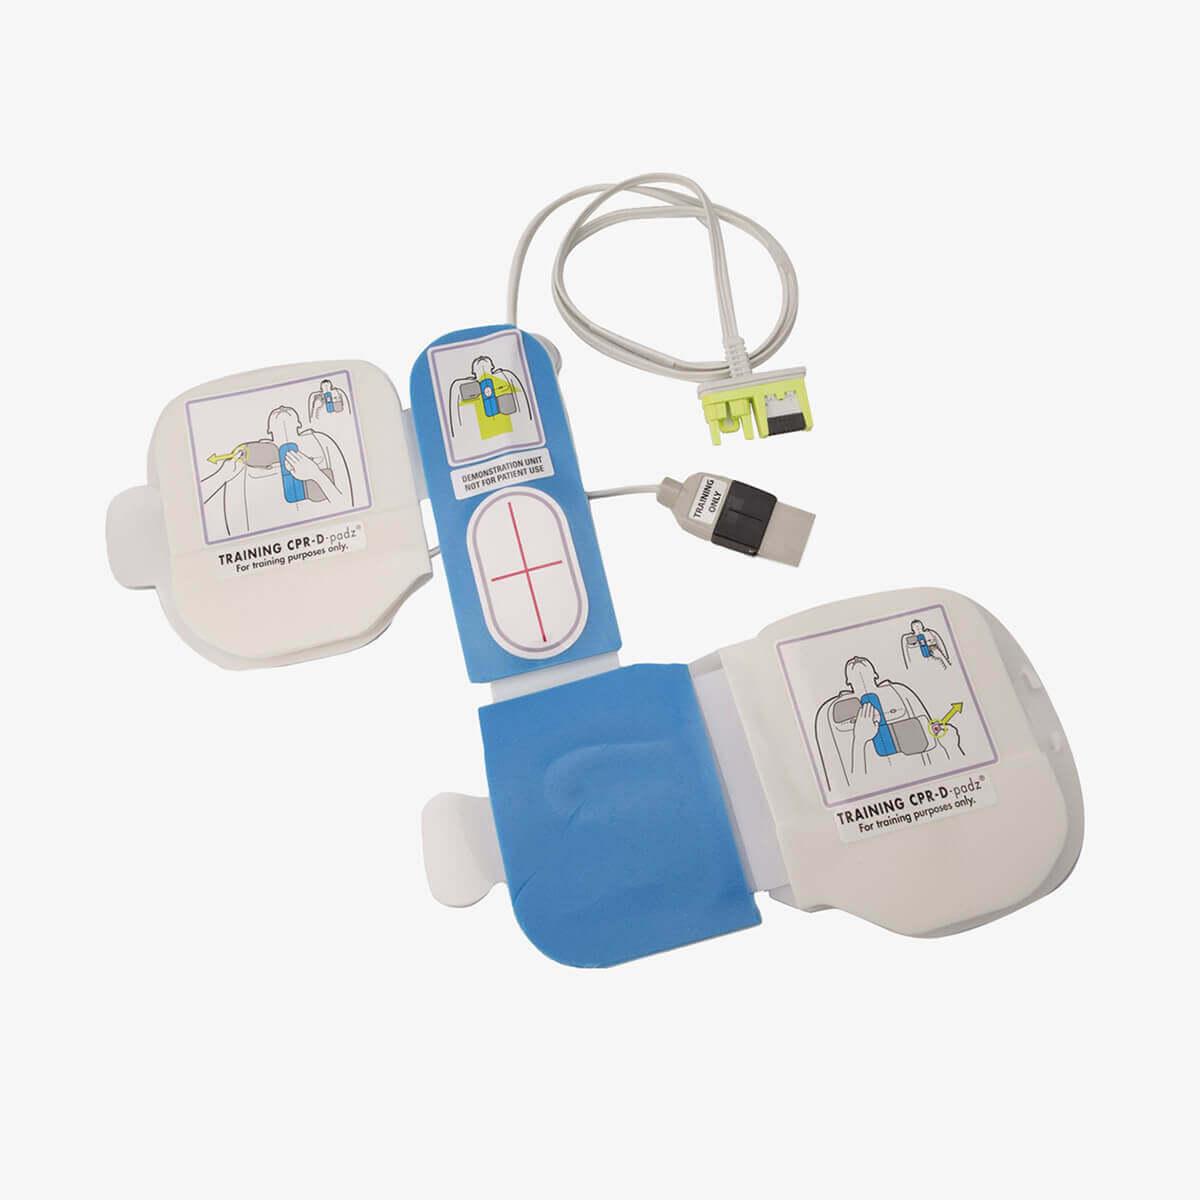 ZOLL CPR-D-padz Trainingselektrode zur Verwendung mit dem ZOLL AED Simulator